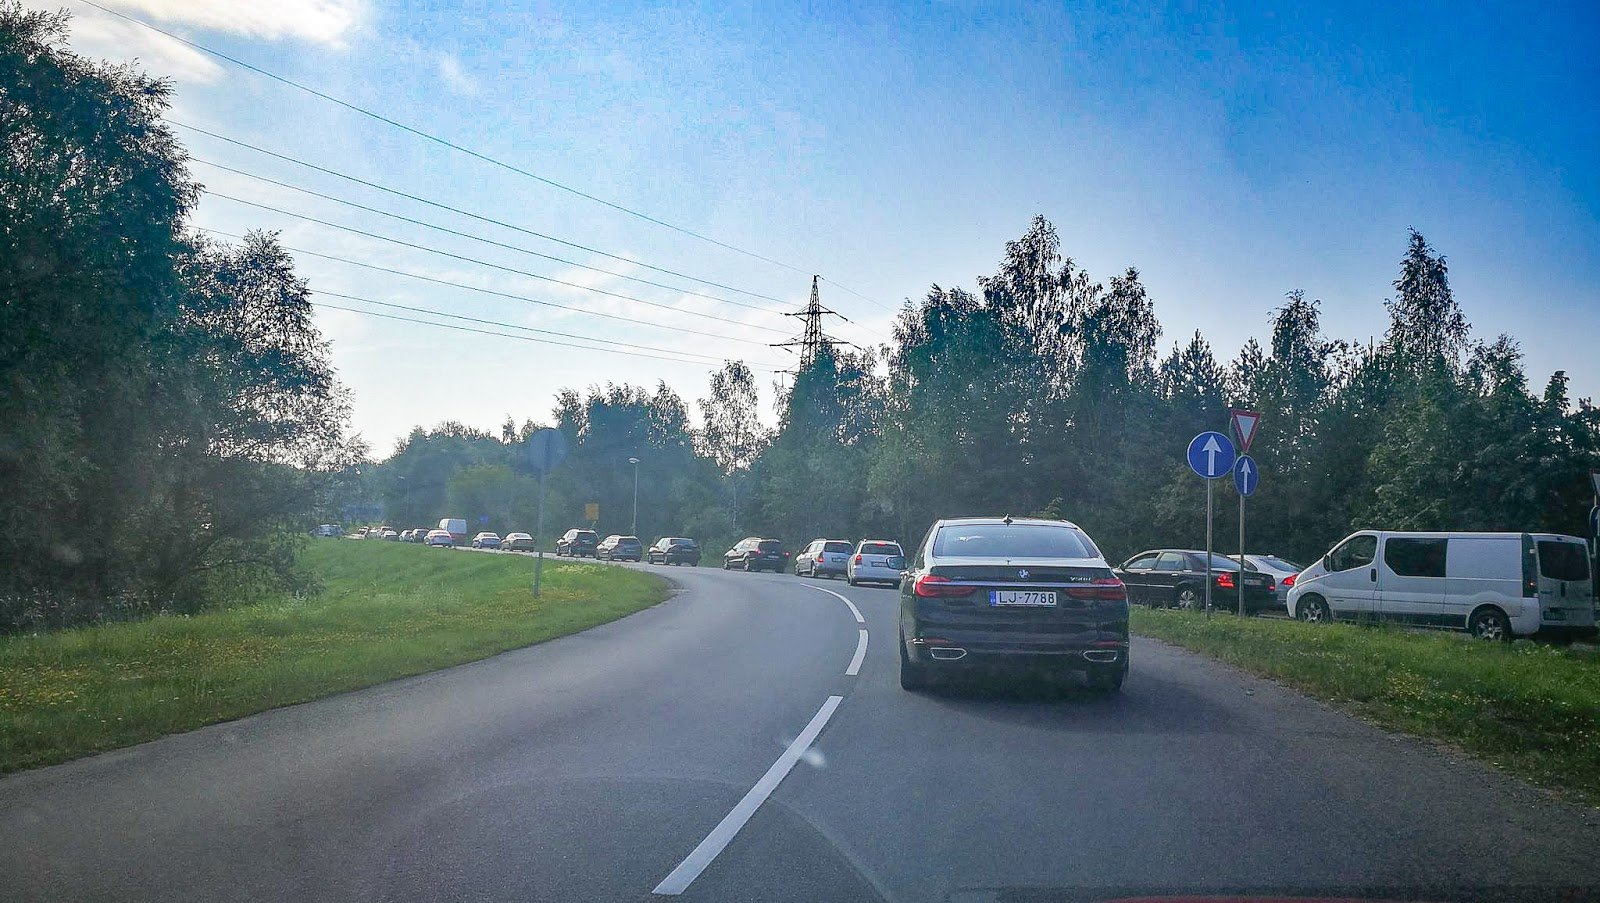 Sastrēgums Jaunciema gatvē Rīgā